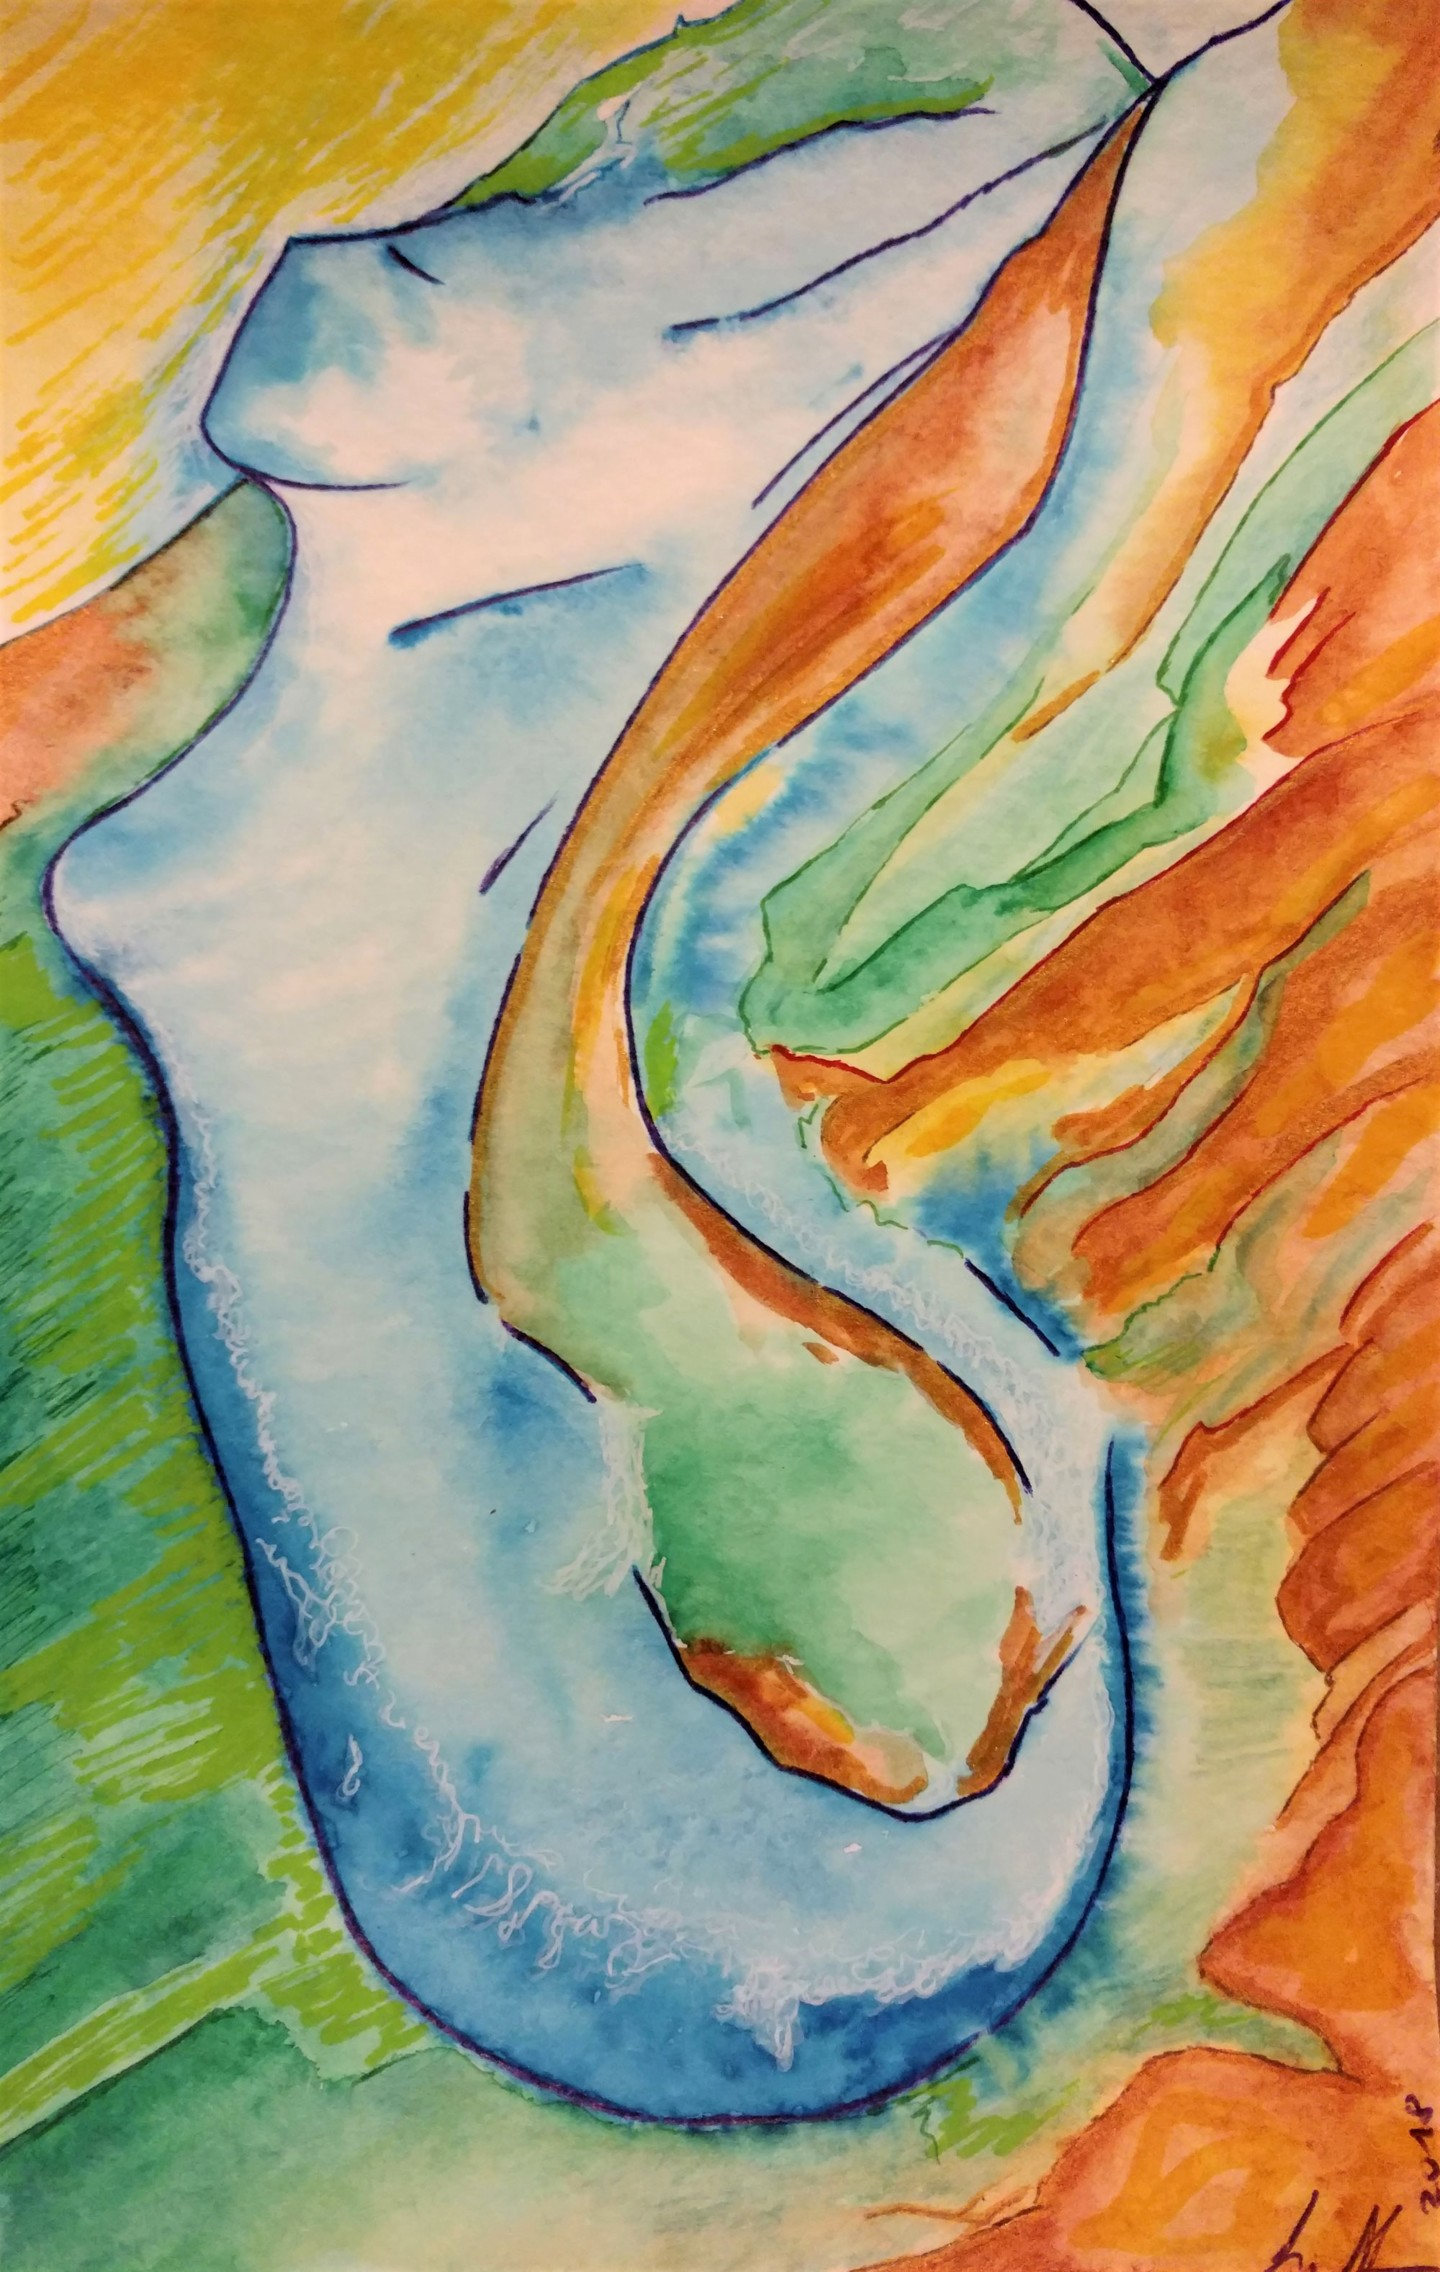 Gioia Albano - River woman (Femme rivière)